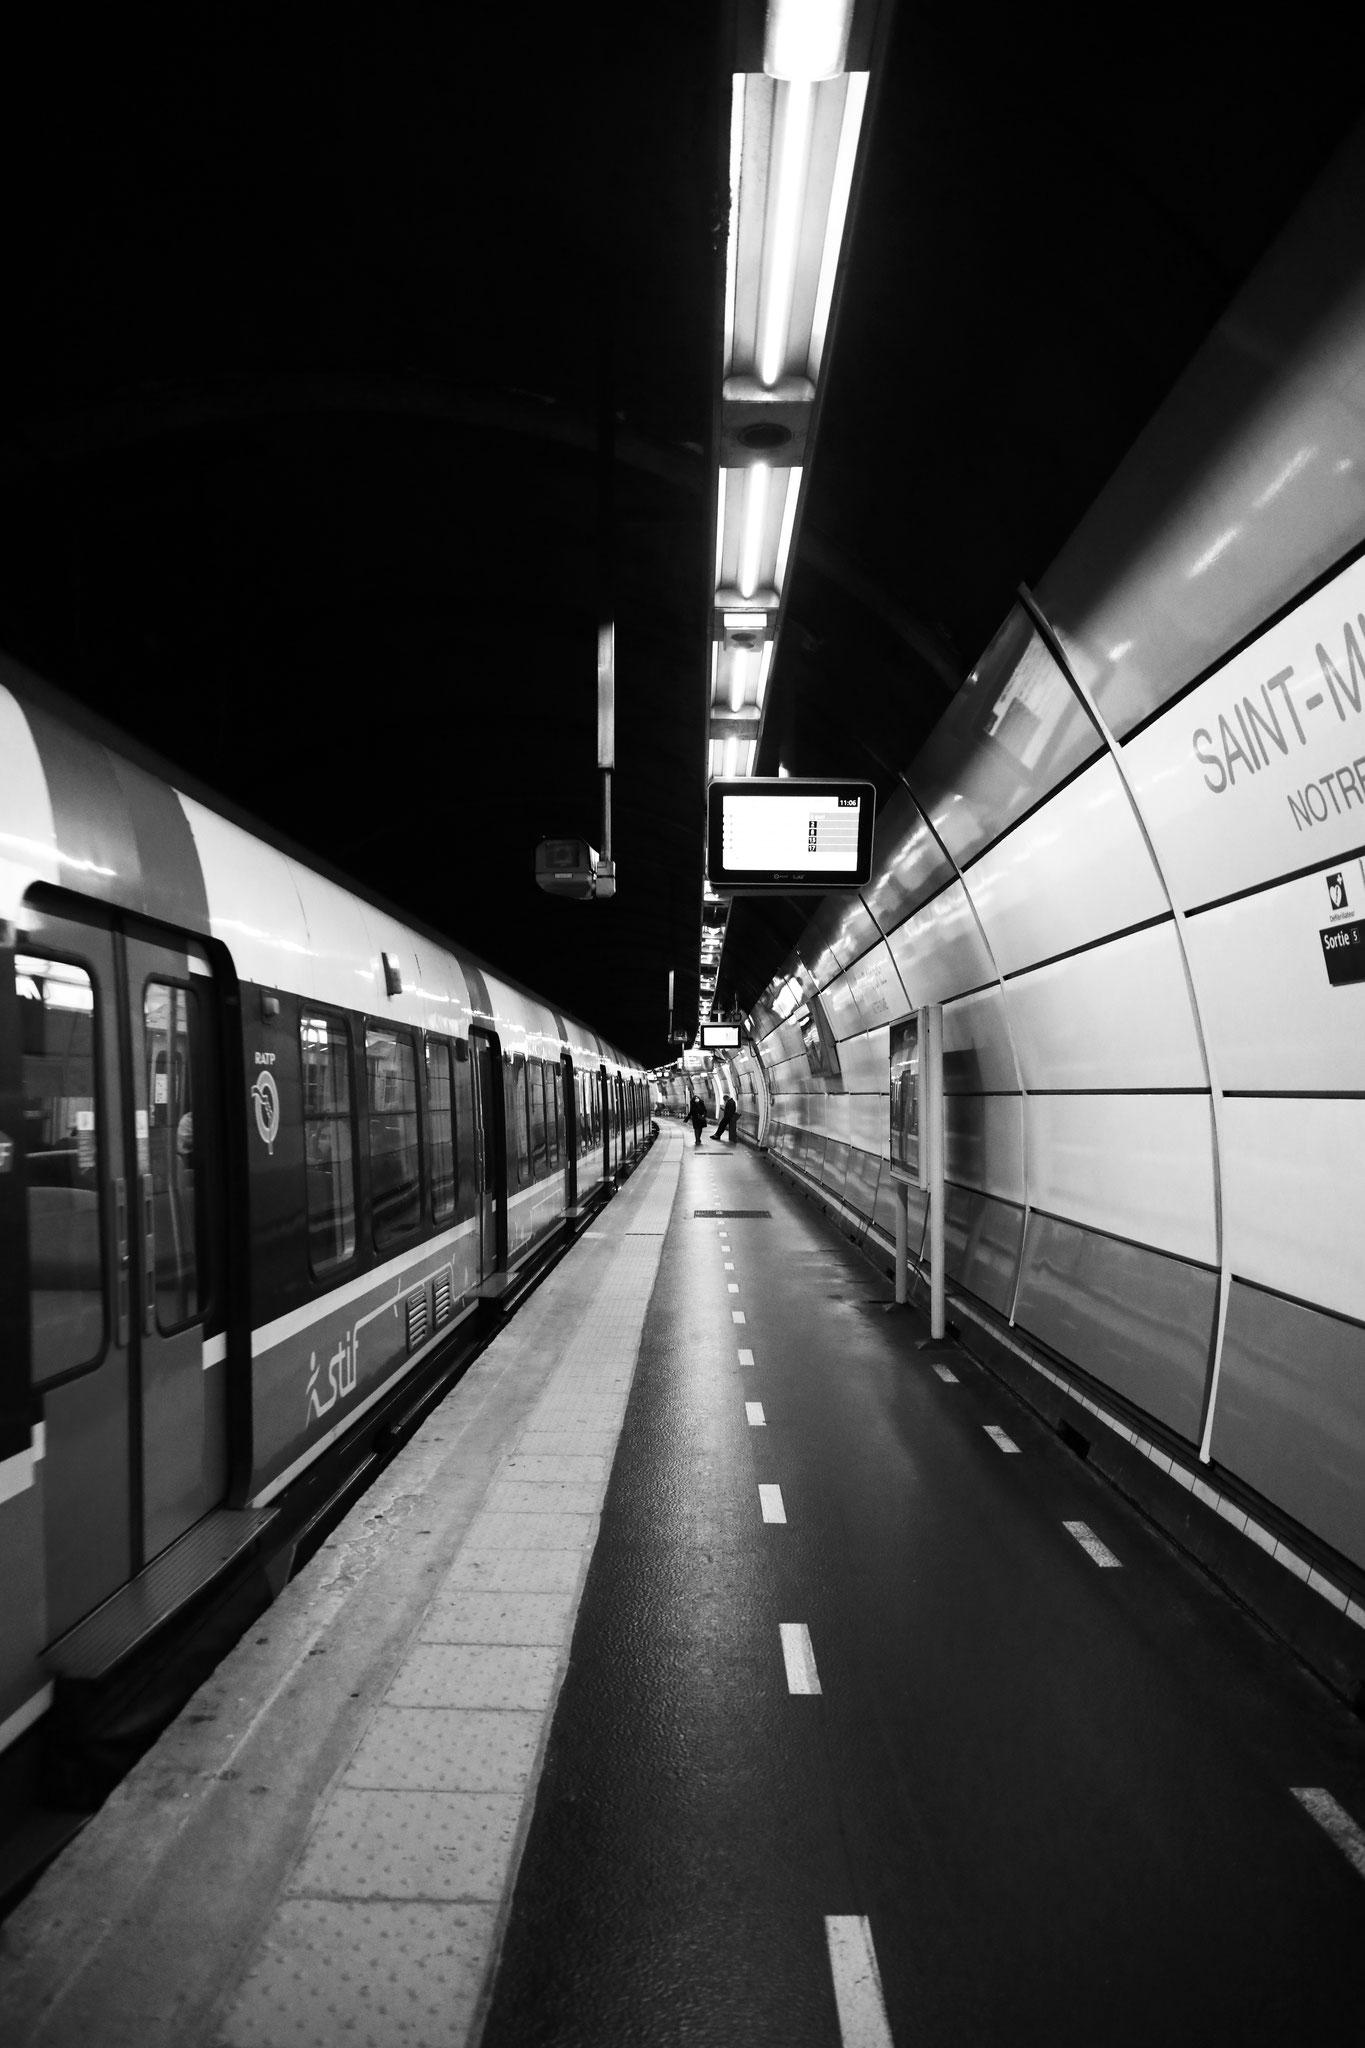 """""""Underground lfie""""- Station Saint-Michel Notre-Dame (RER B), Paris (2021). Canon 5D Mark IV + 24-105mm. ©Clémence Rougetet"""